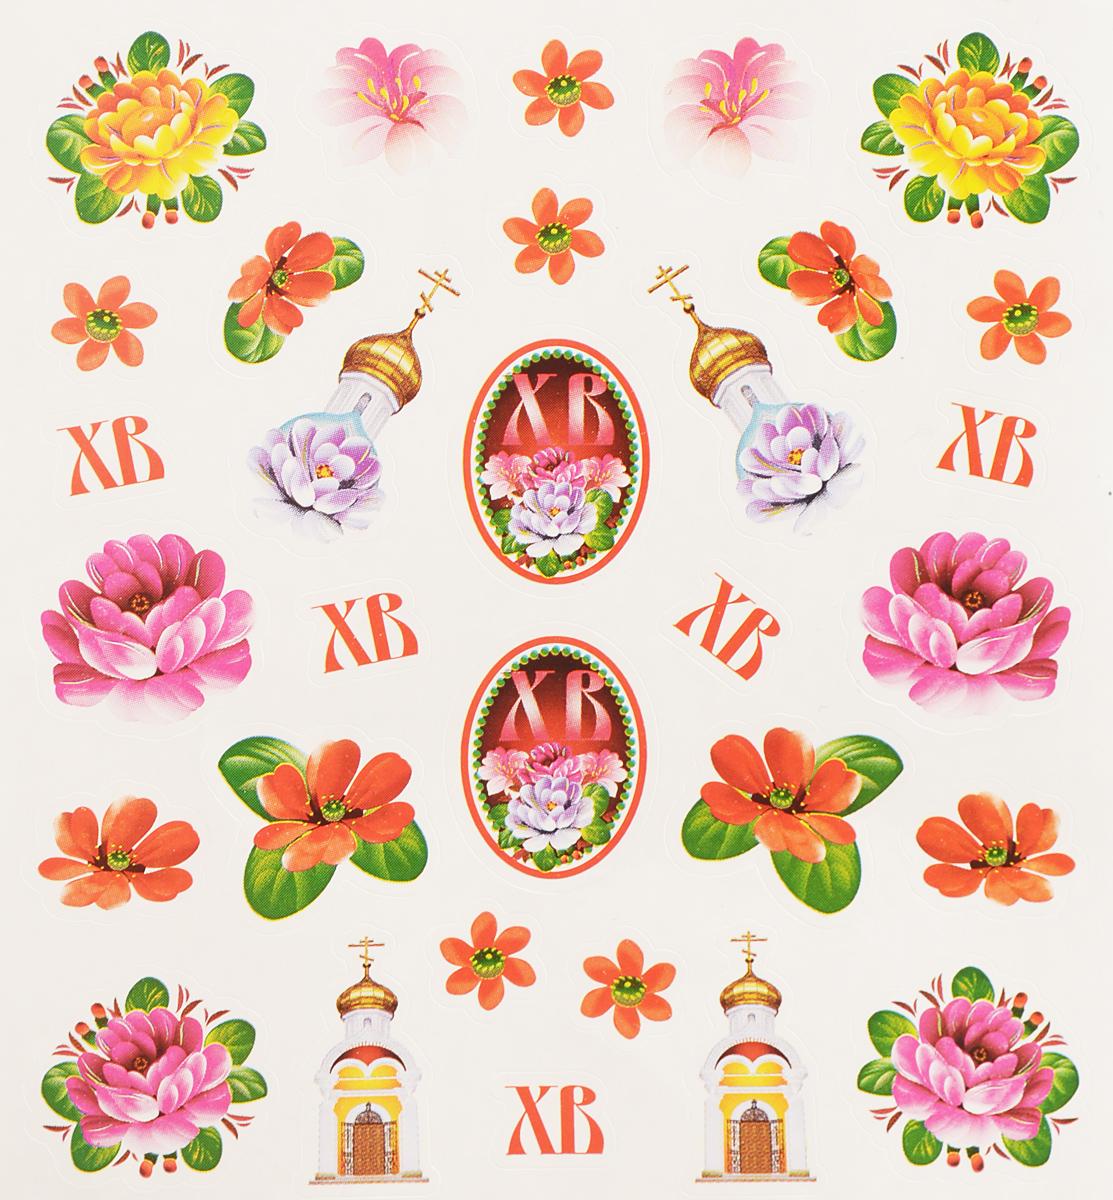 Набор декоративных наклеек Home Queen Народное искусство, 31 шт69943Набор Home Queen Народное искусство состоит из 31 бумажной наклейки, которые предназначены для декорирования пасхальных яиц. Наклейки выполнены в виде различных цветов, куполов храмов и надписей ХВ. Такой набор украшений создаст атмосферу праздника в вашем доме. Размер самой большой наклейки: 2 х 2 см.Размер самой маленькой наклейки: 1 х 1 см.